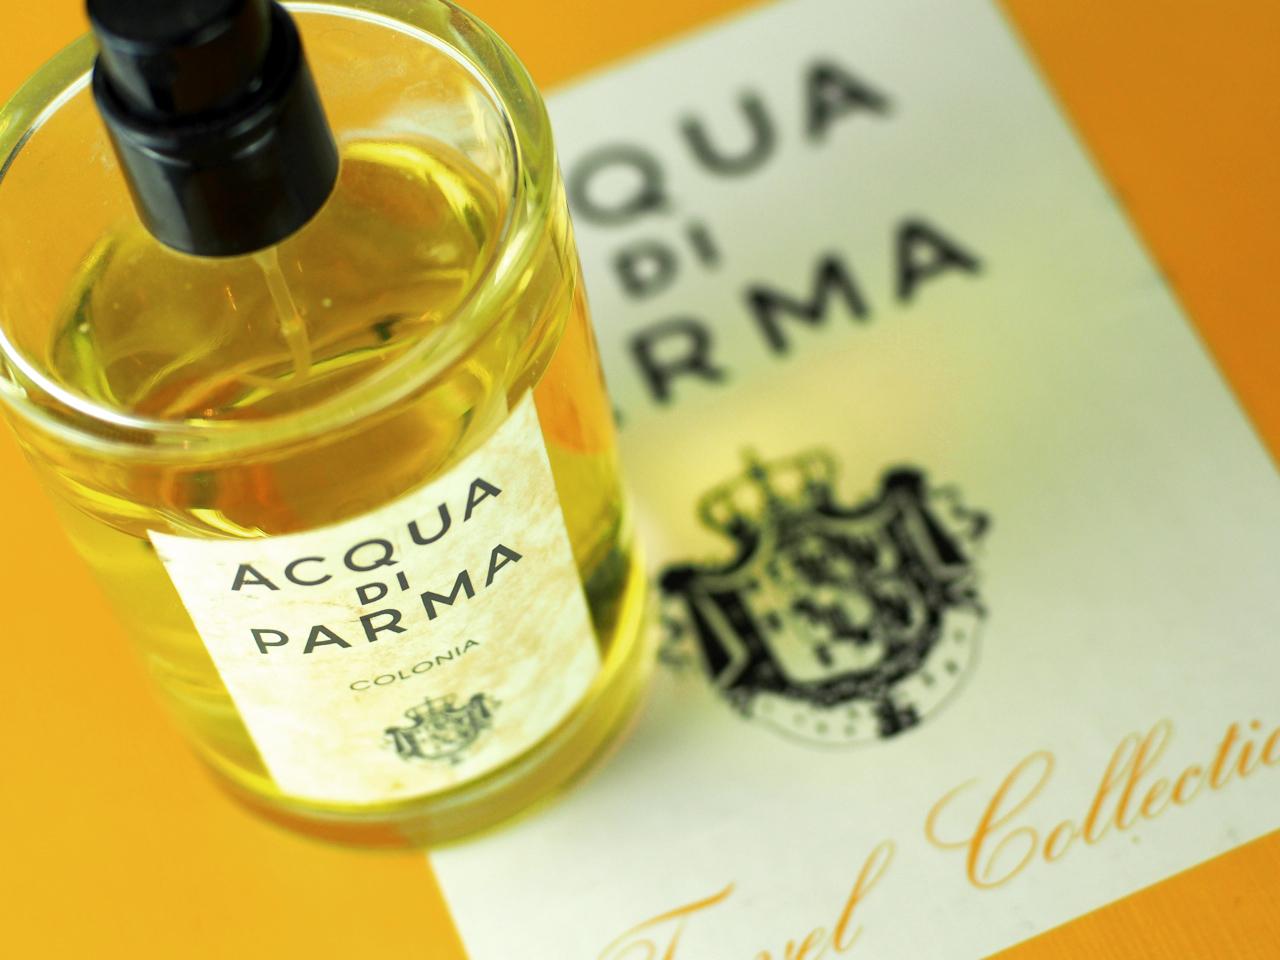 Aqua di Parma Léon Klaver